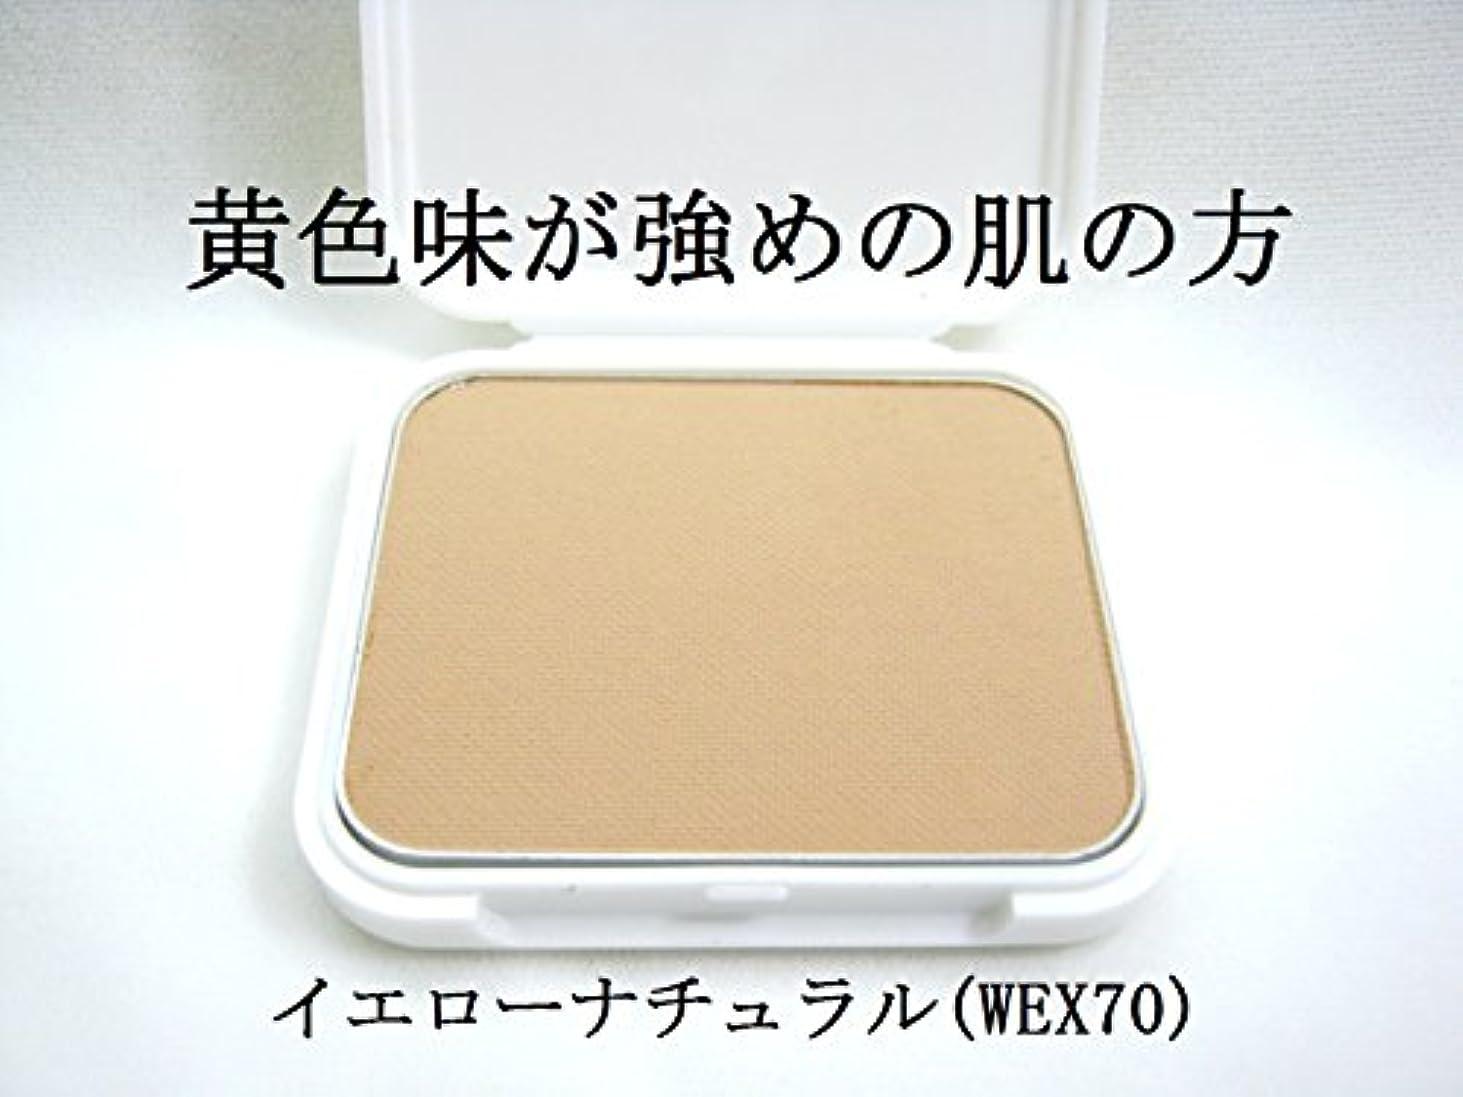 文明化検出する兵士IR アイリベール化粧品 パウダリーファンデーション リフィル 13g (WEX70)